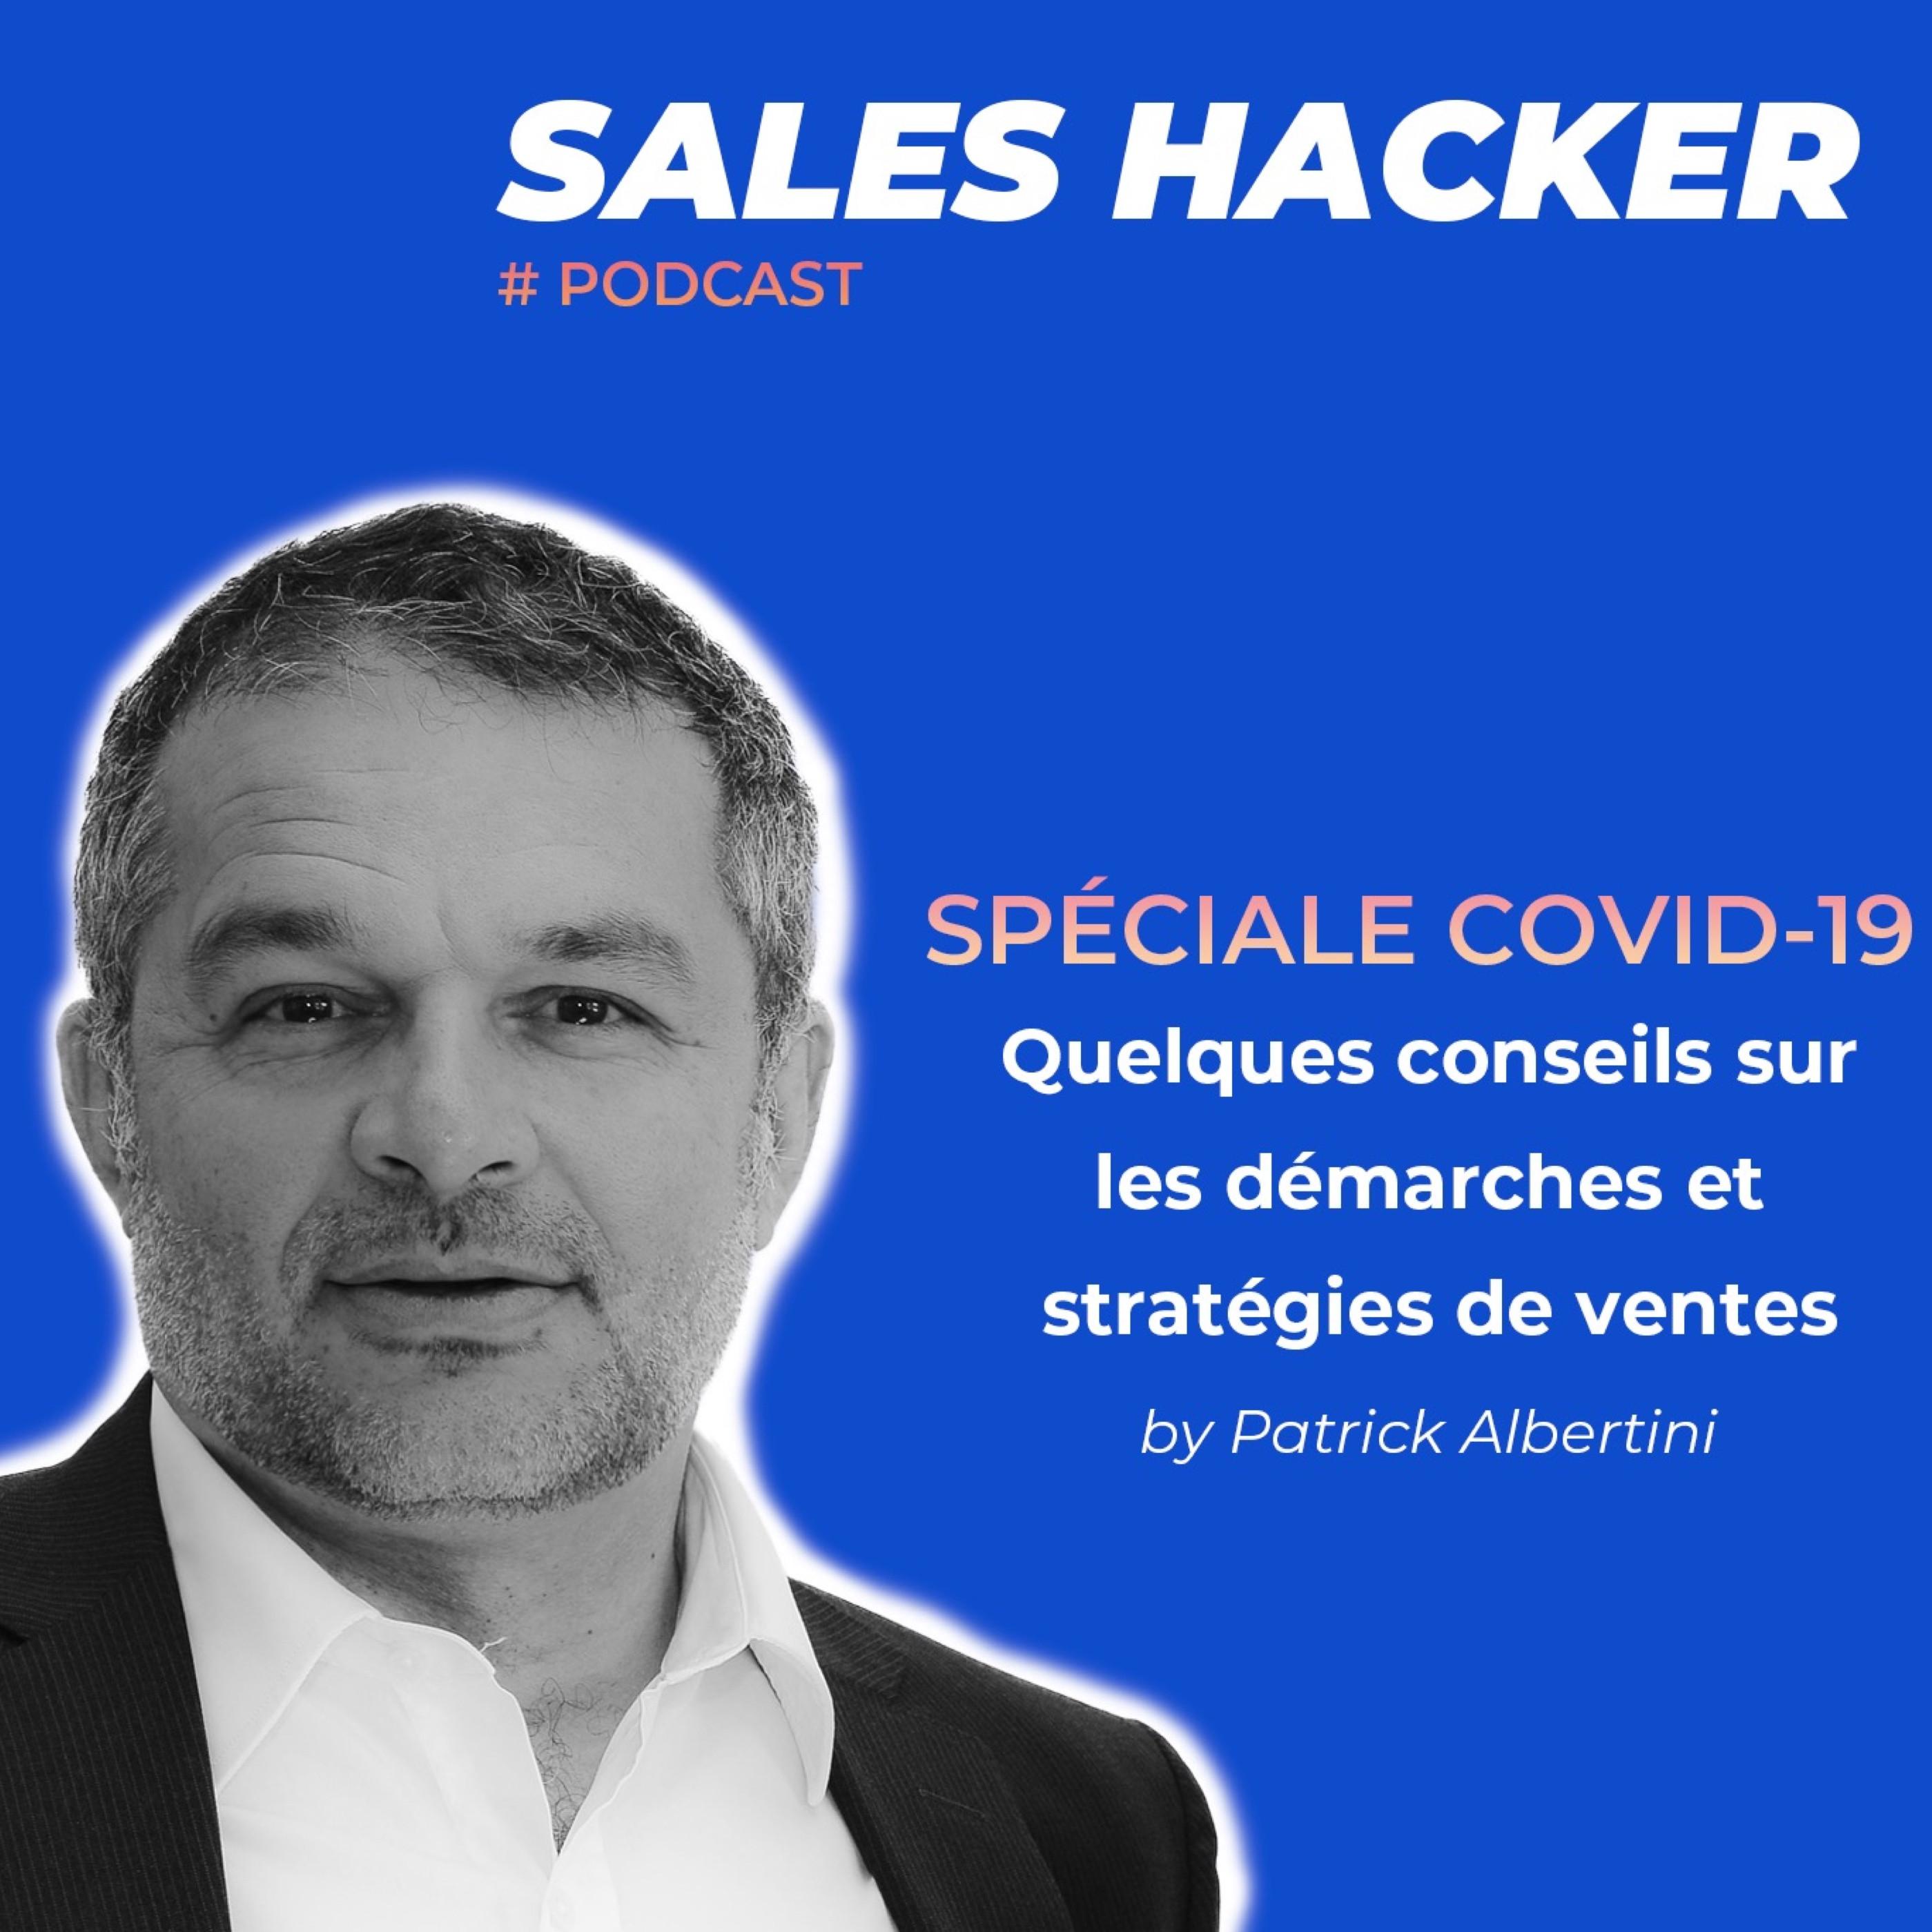 COVID-19: 20 min de conseils sur les démarches et stratégies de vente les plus adaptées